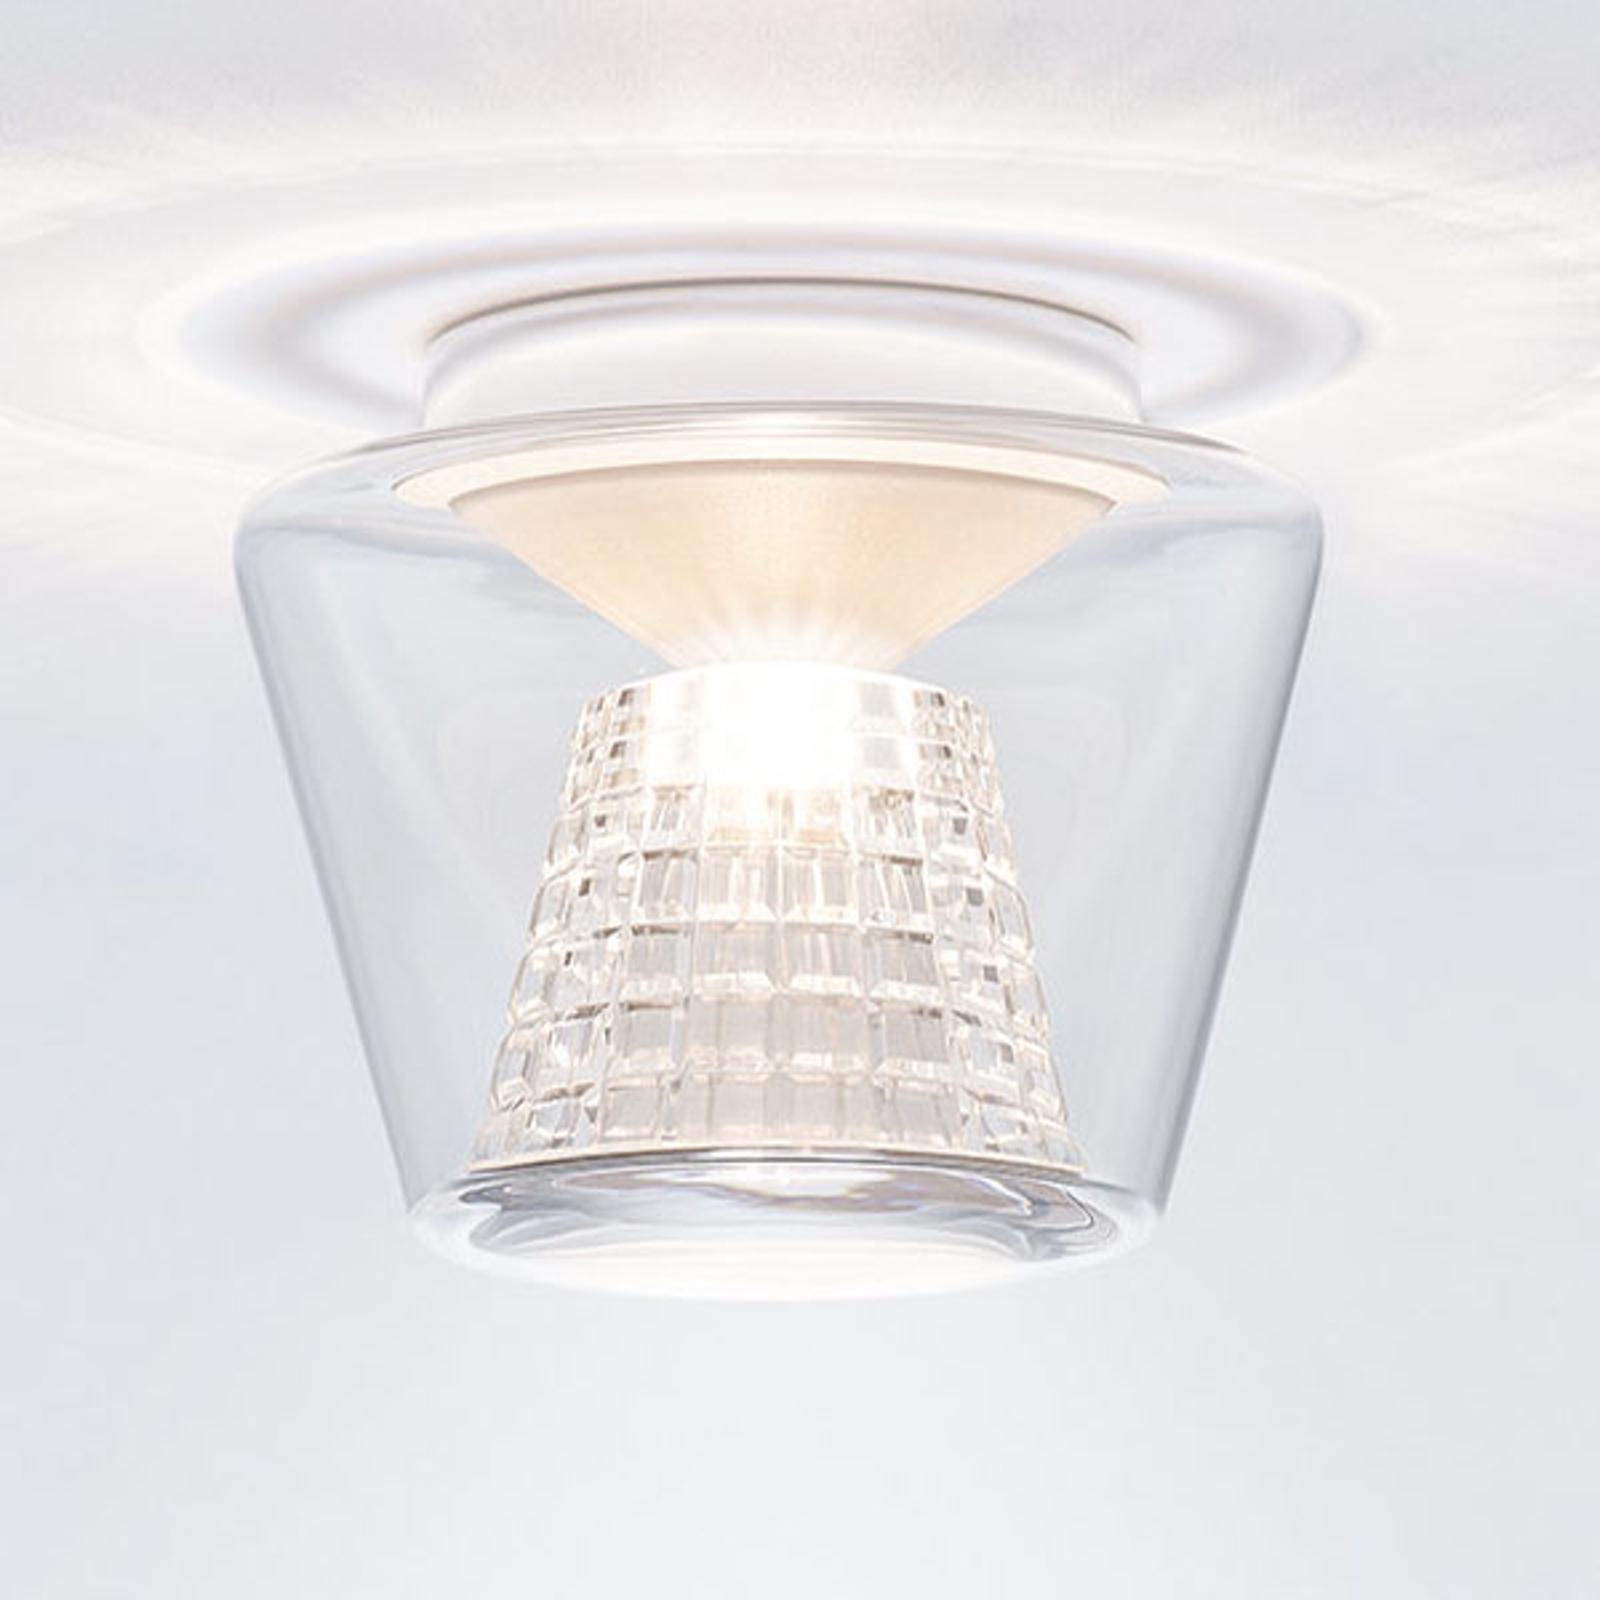 serien.lighting Annex S - LED-Deckenleuchte